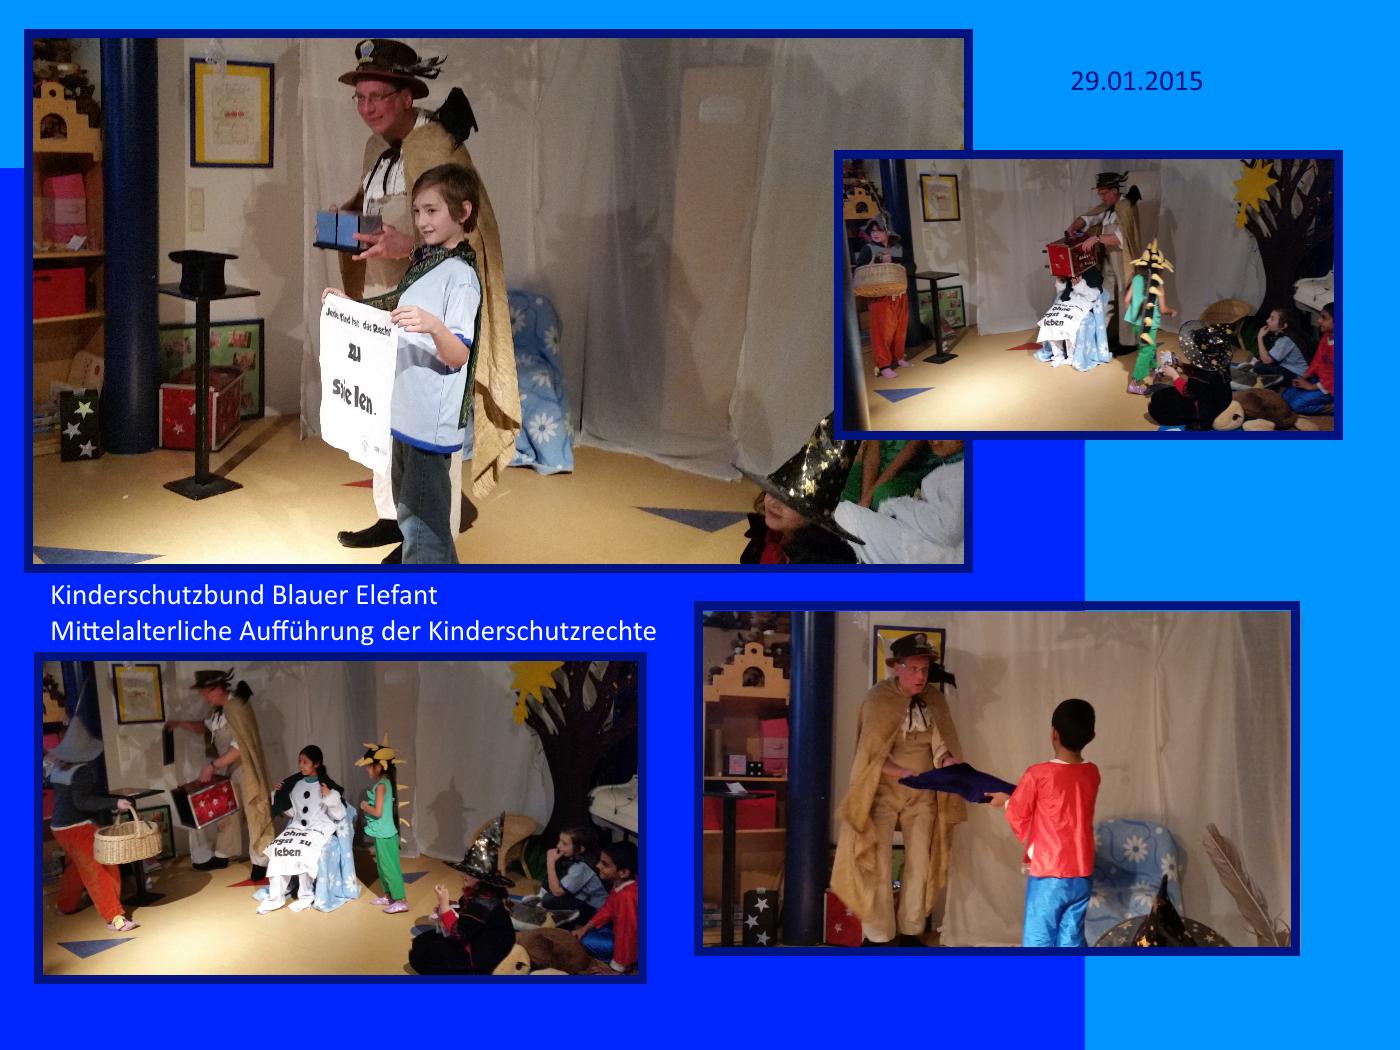 Mittelalterliche Aufführung der Kinderrechte beim blauen Elefant!